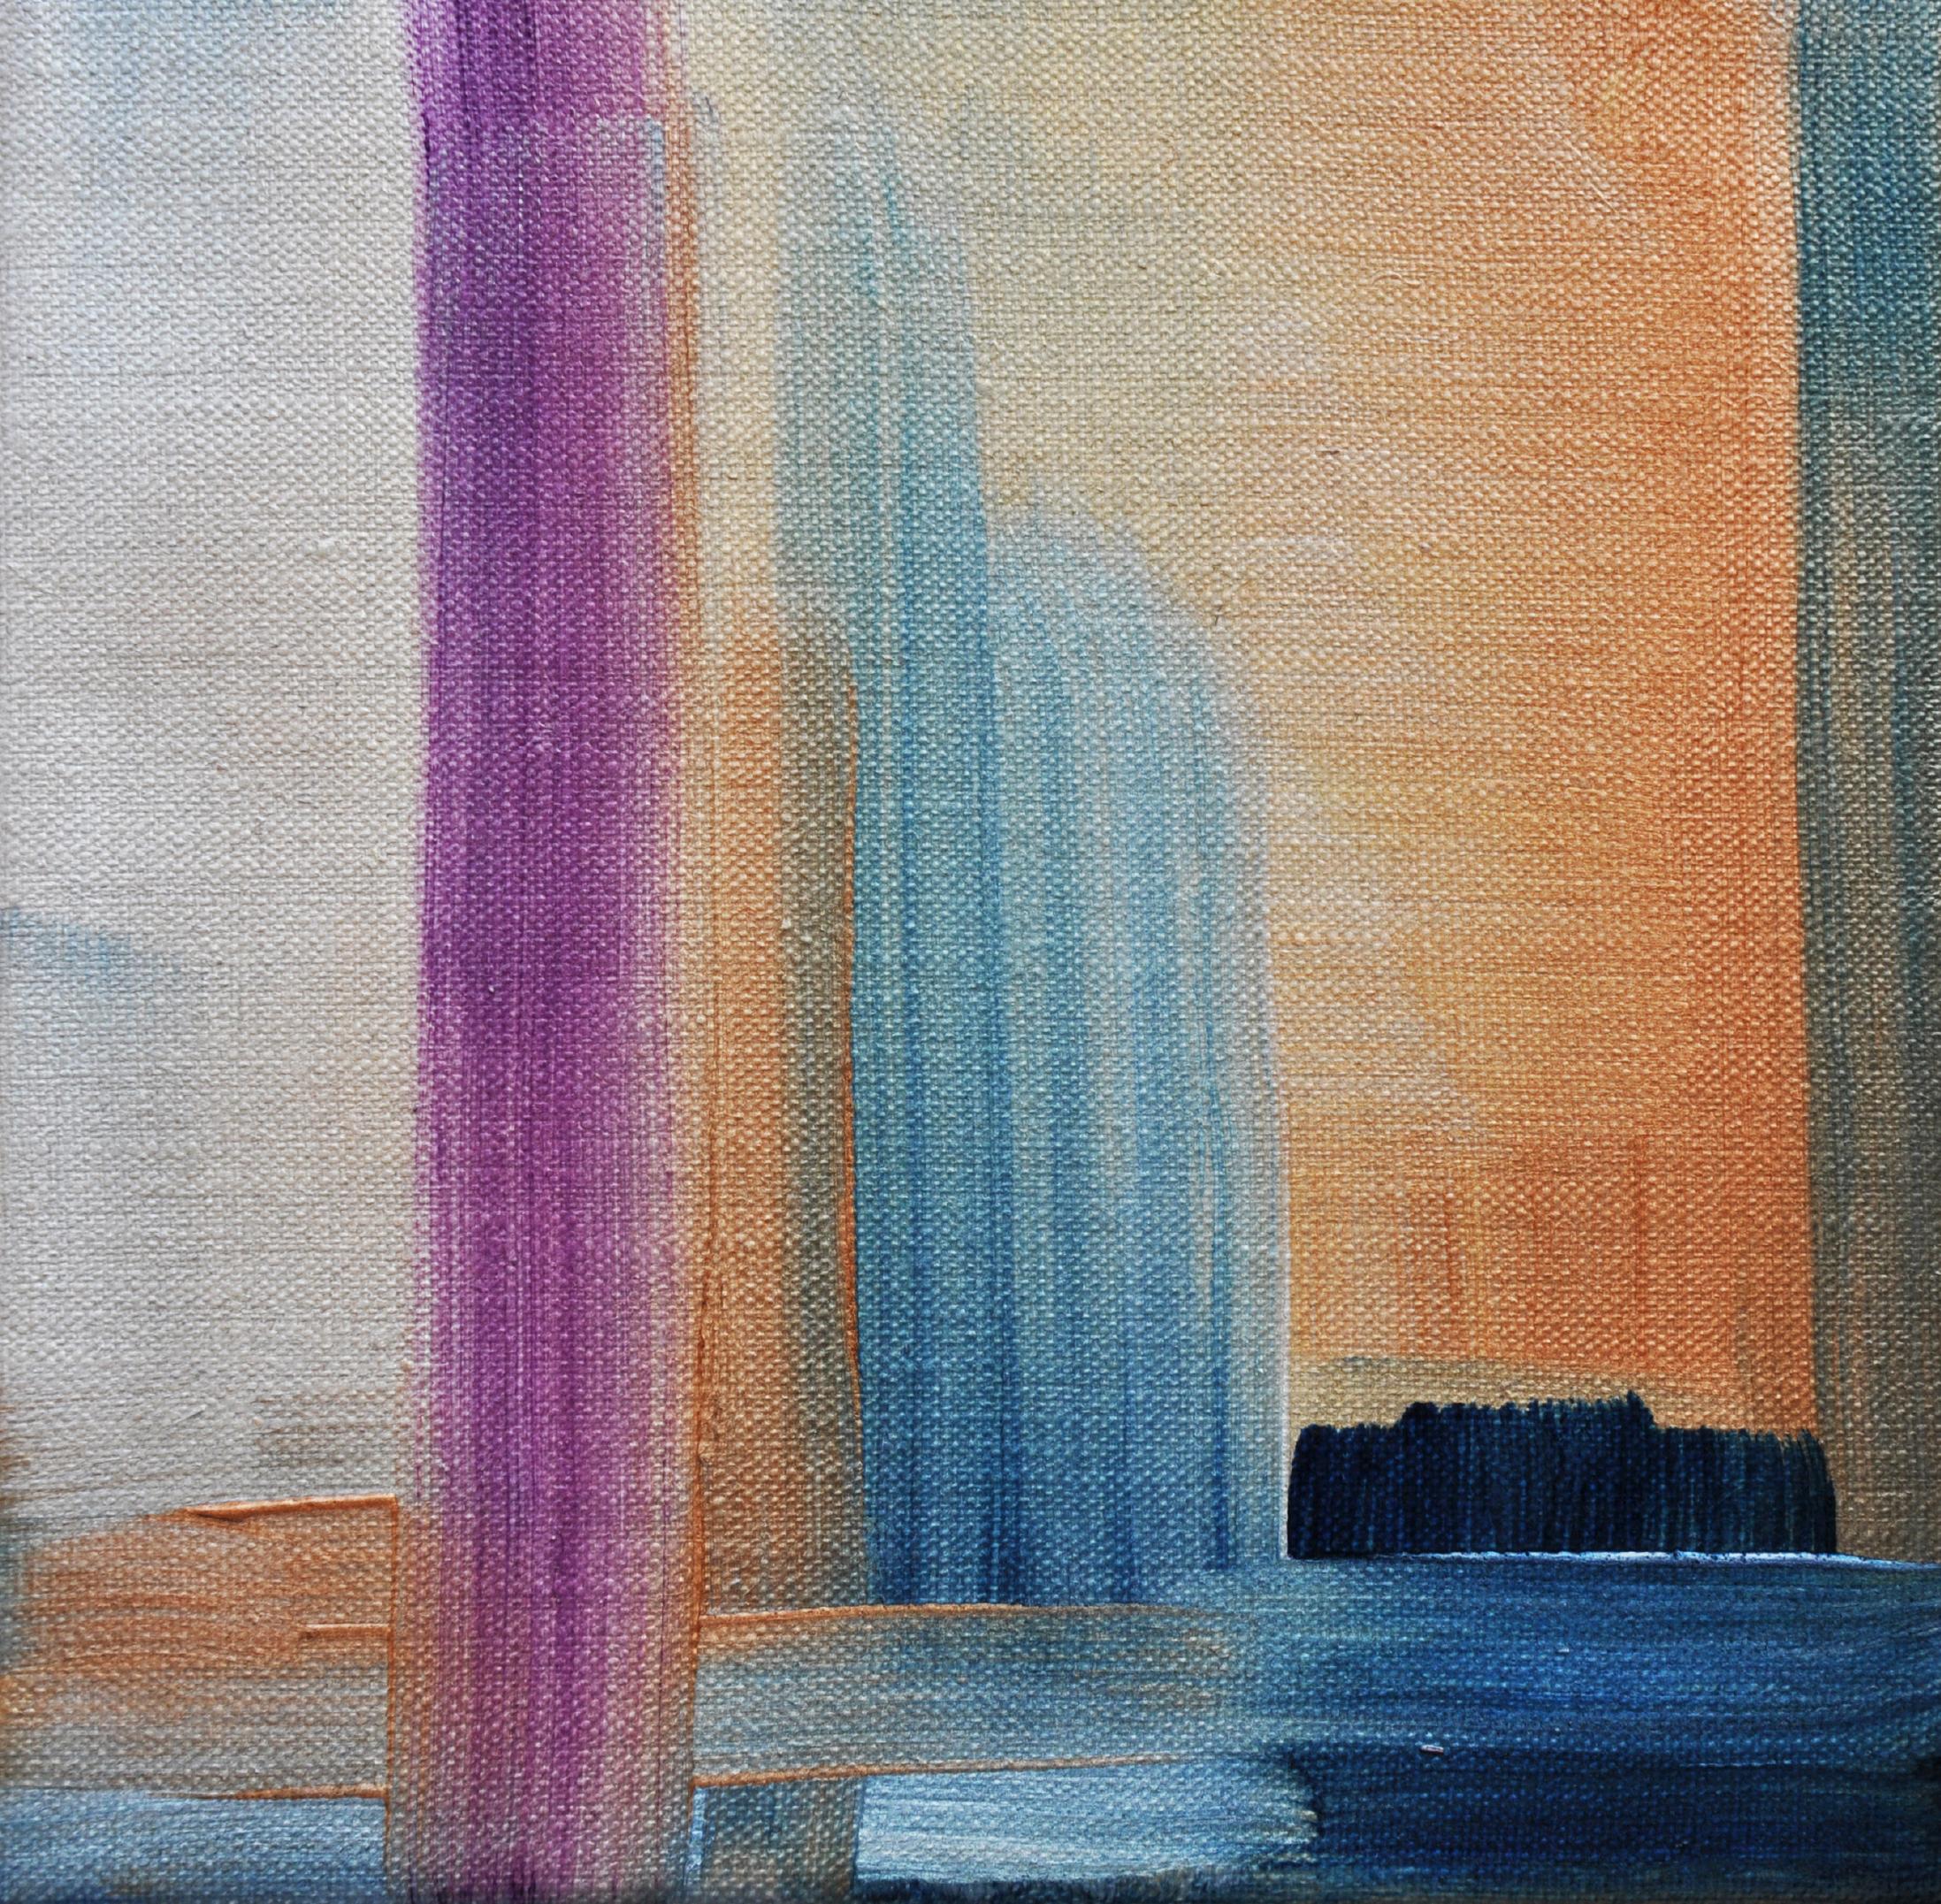 oil paintings 6 of 12.jpg